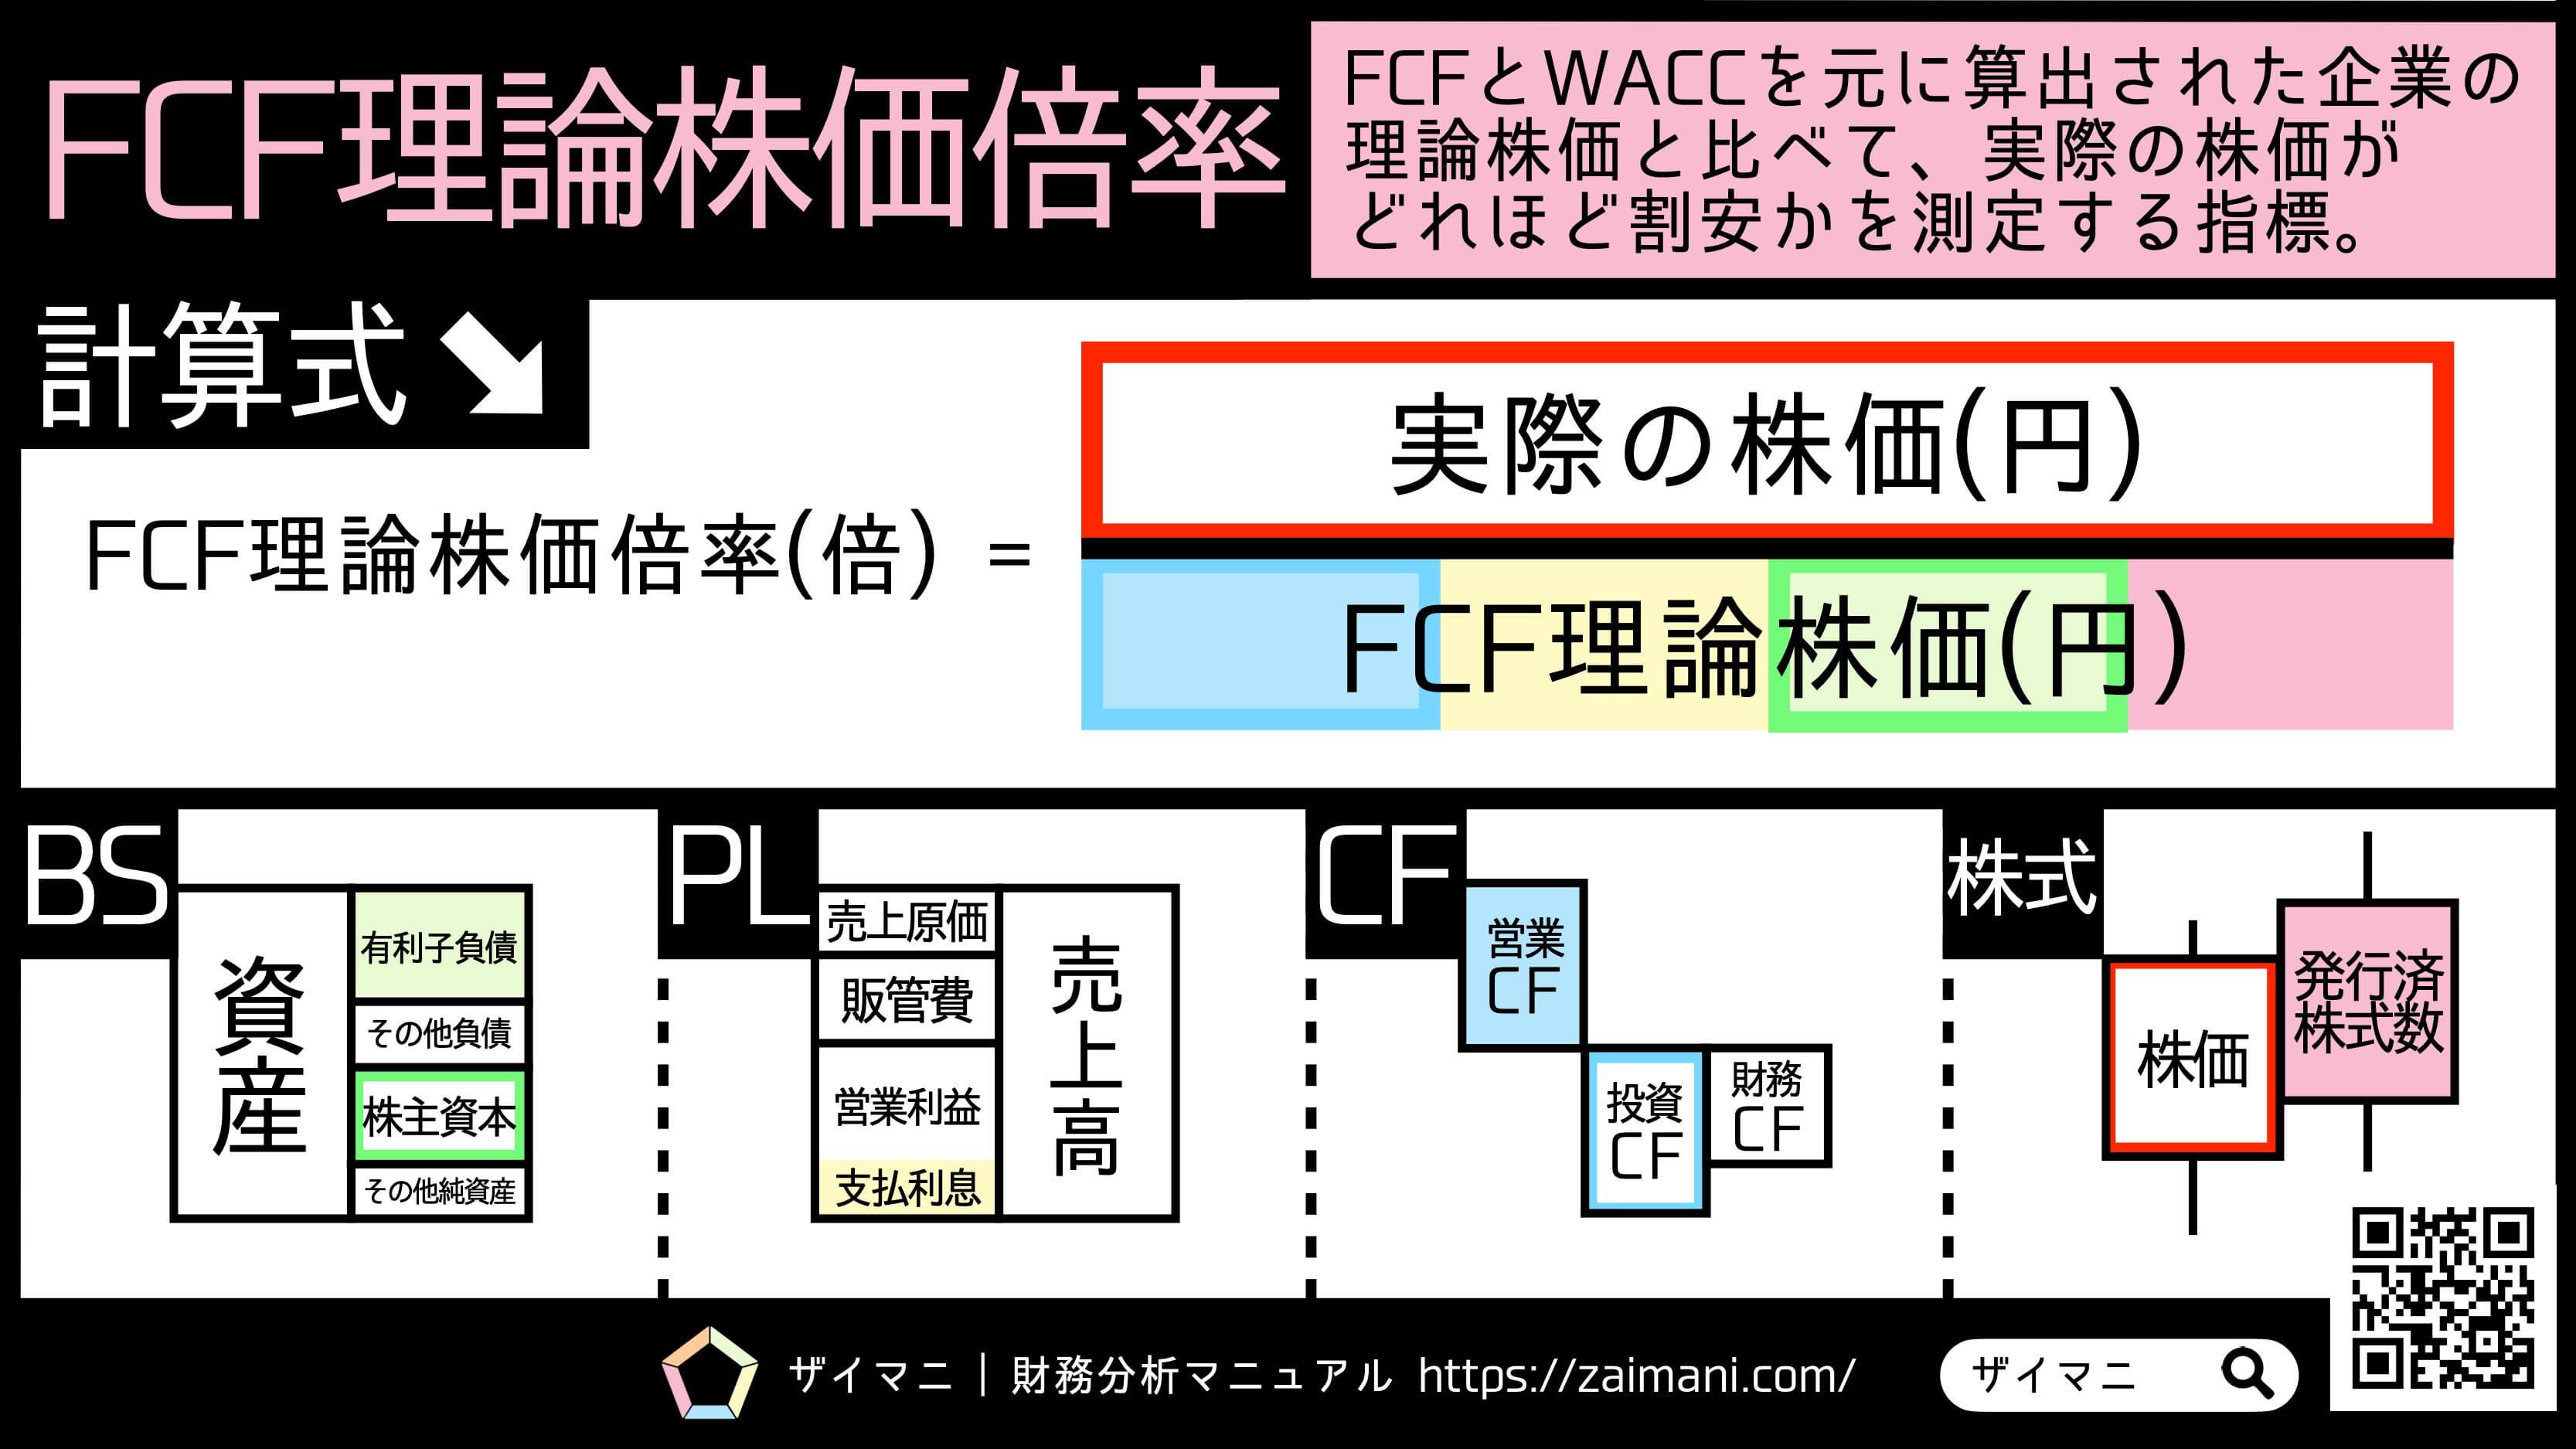 財務指標 | FCF理論株価倍率の意味・計算式